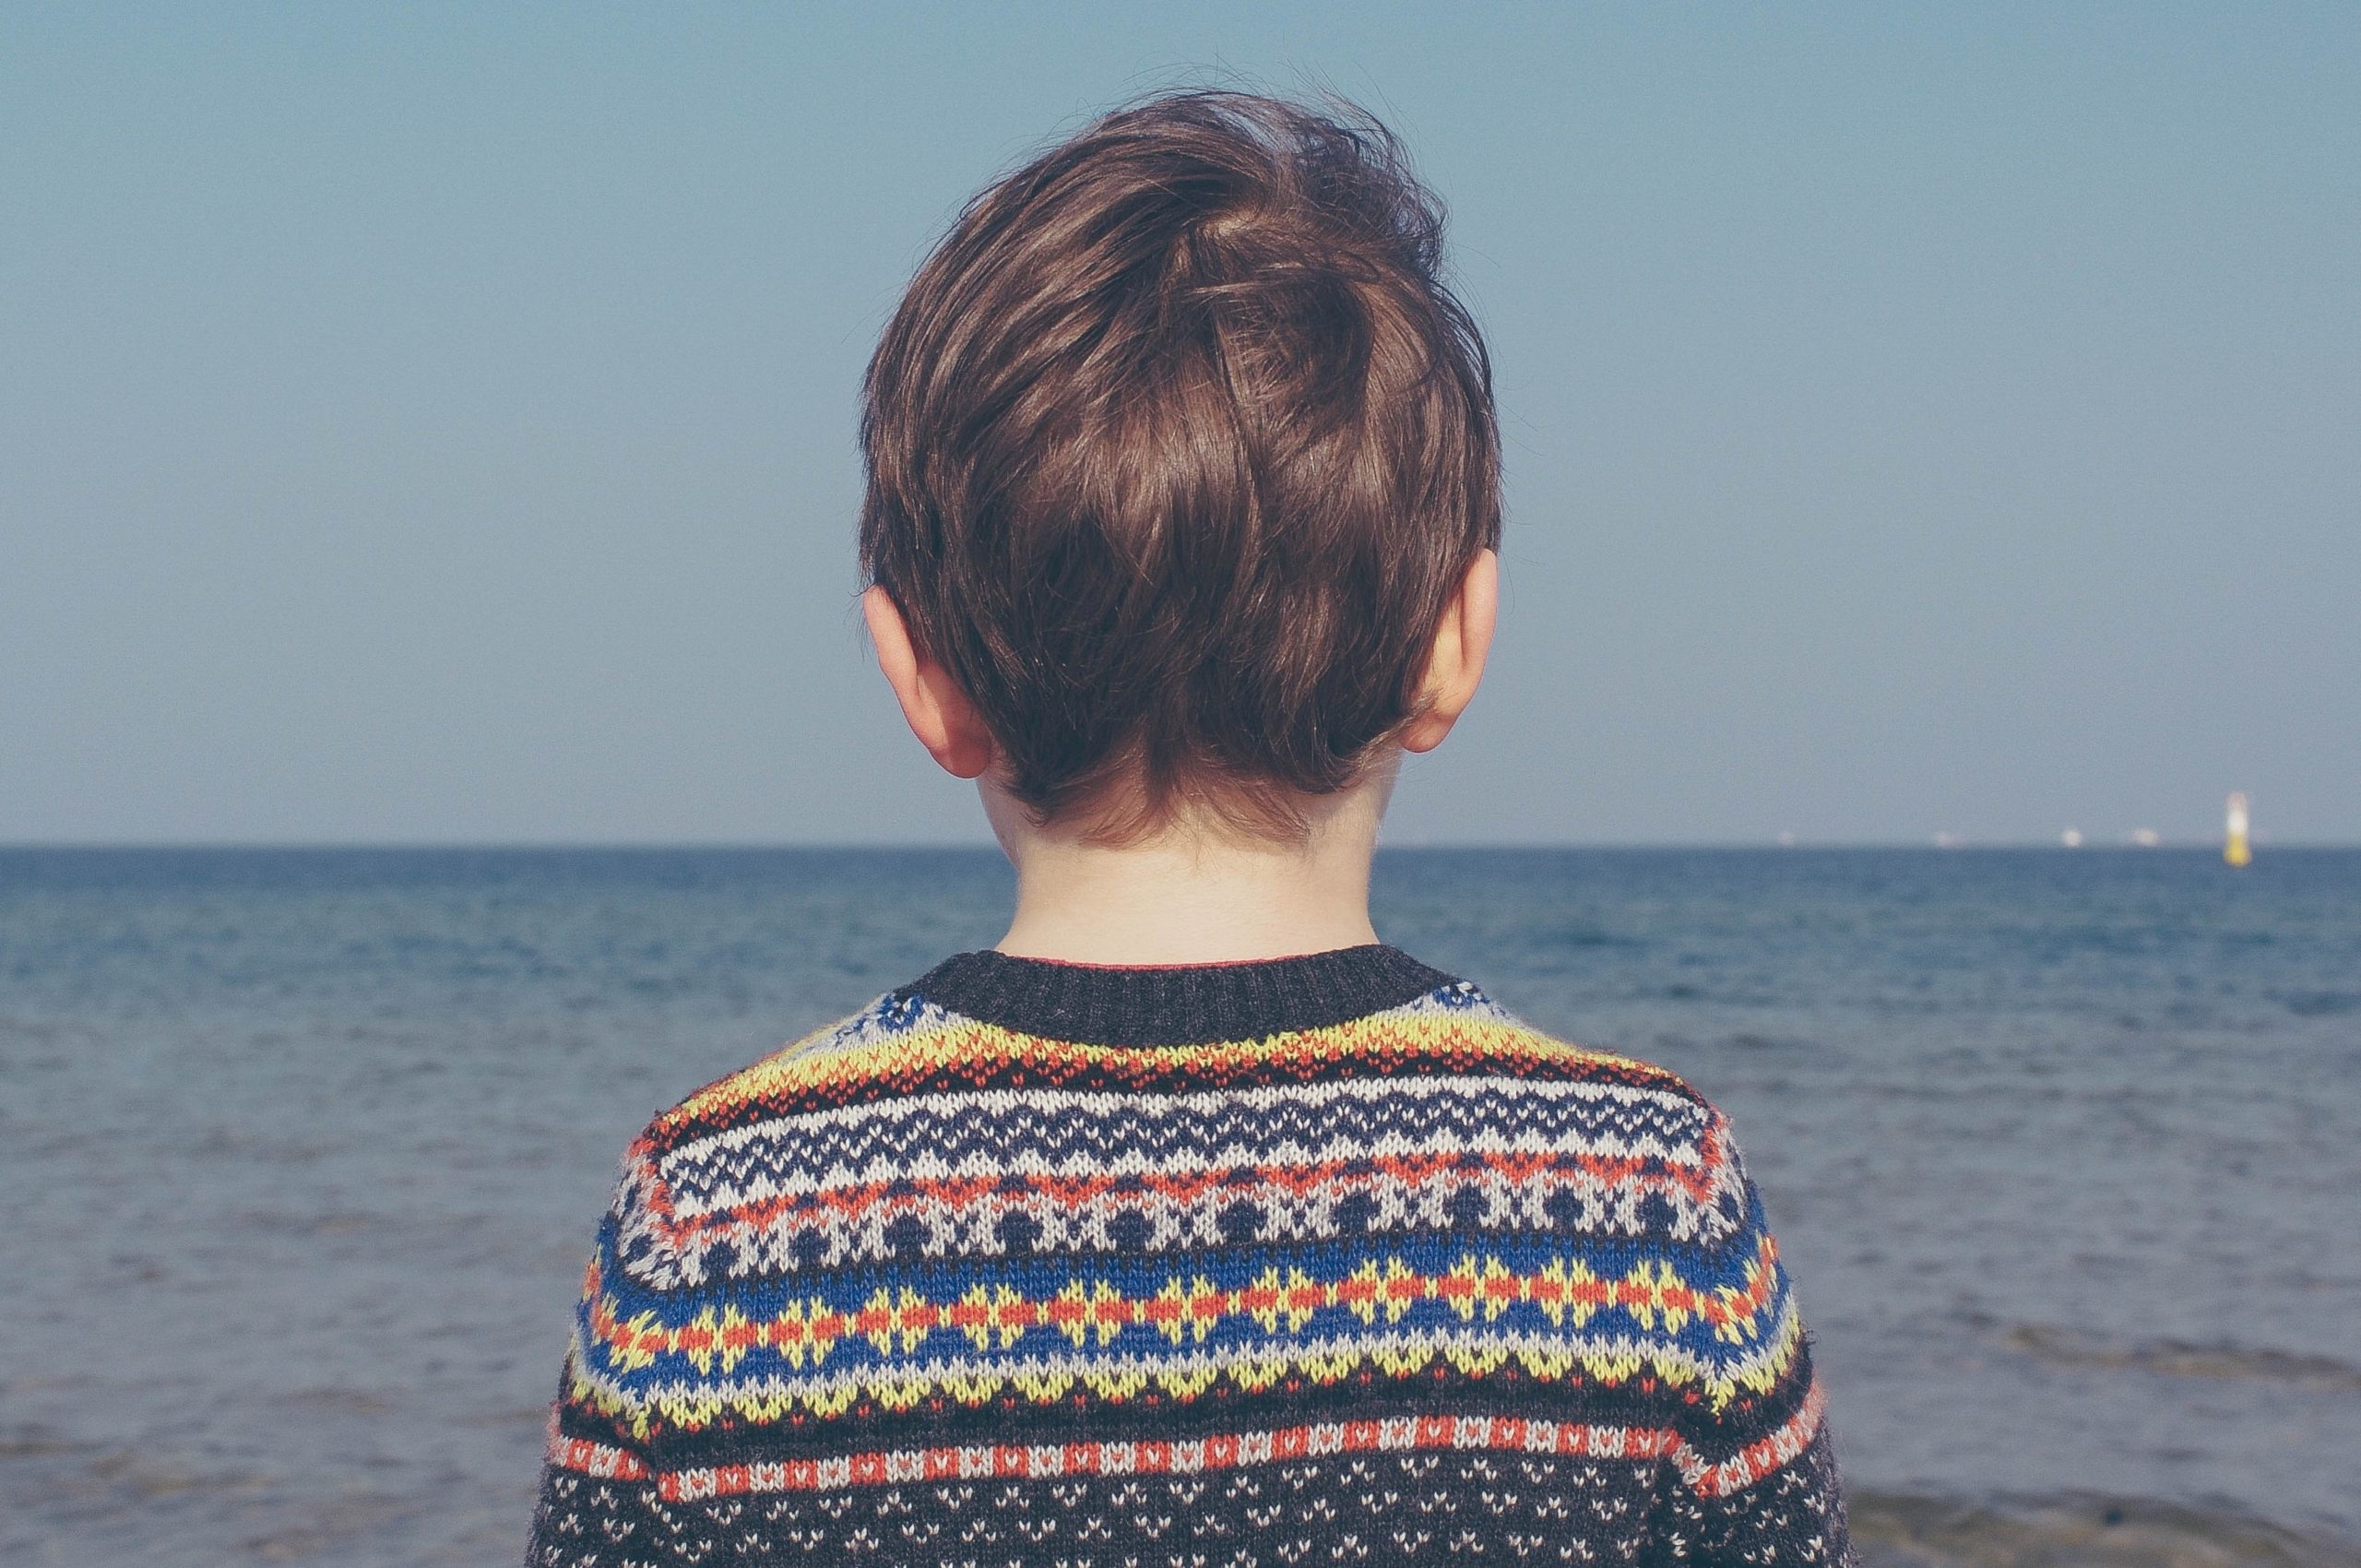 Depresión: Diagnóstico y tratamiento